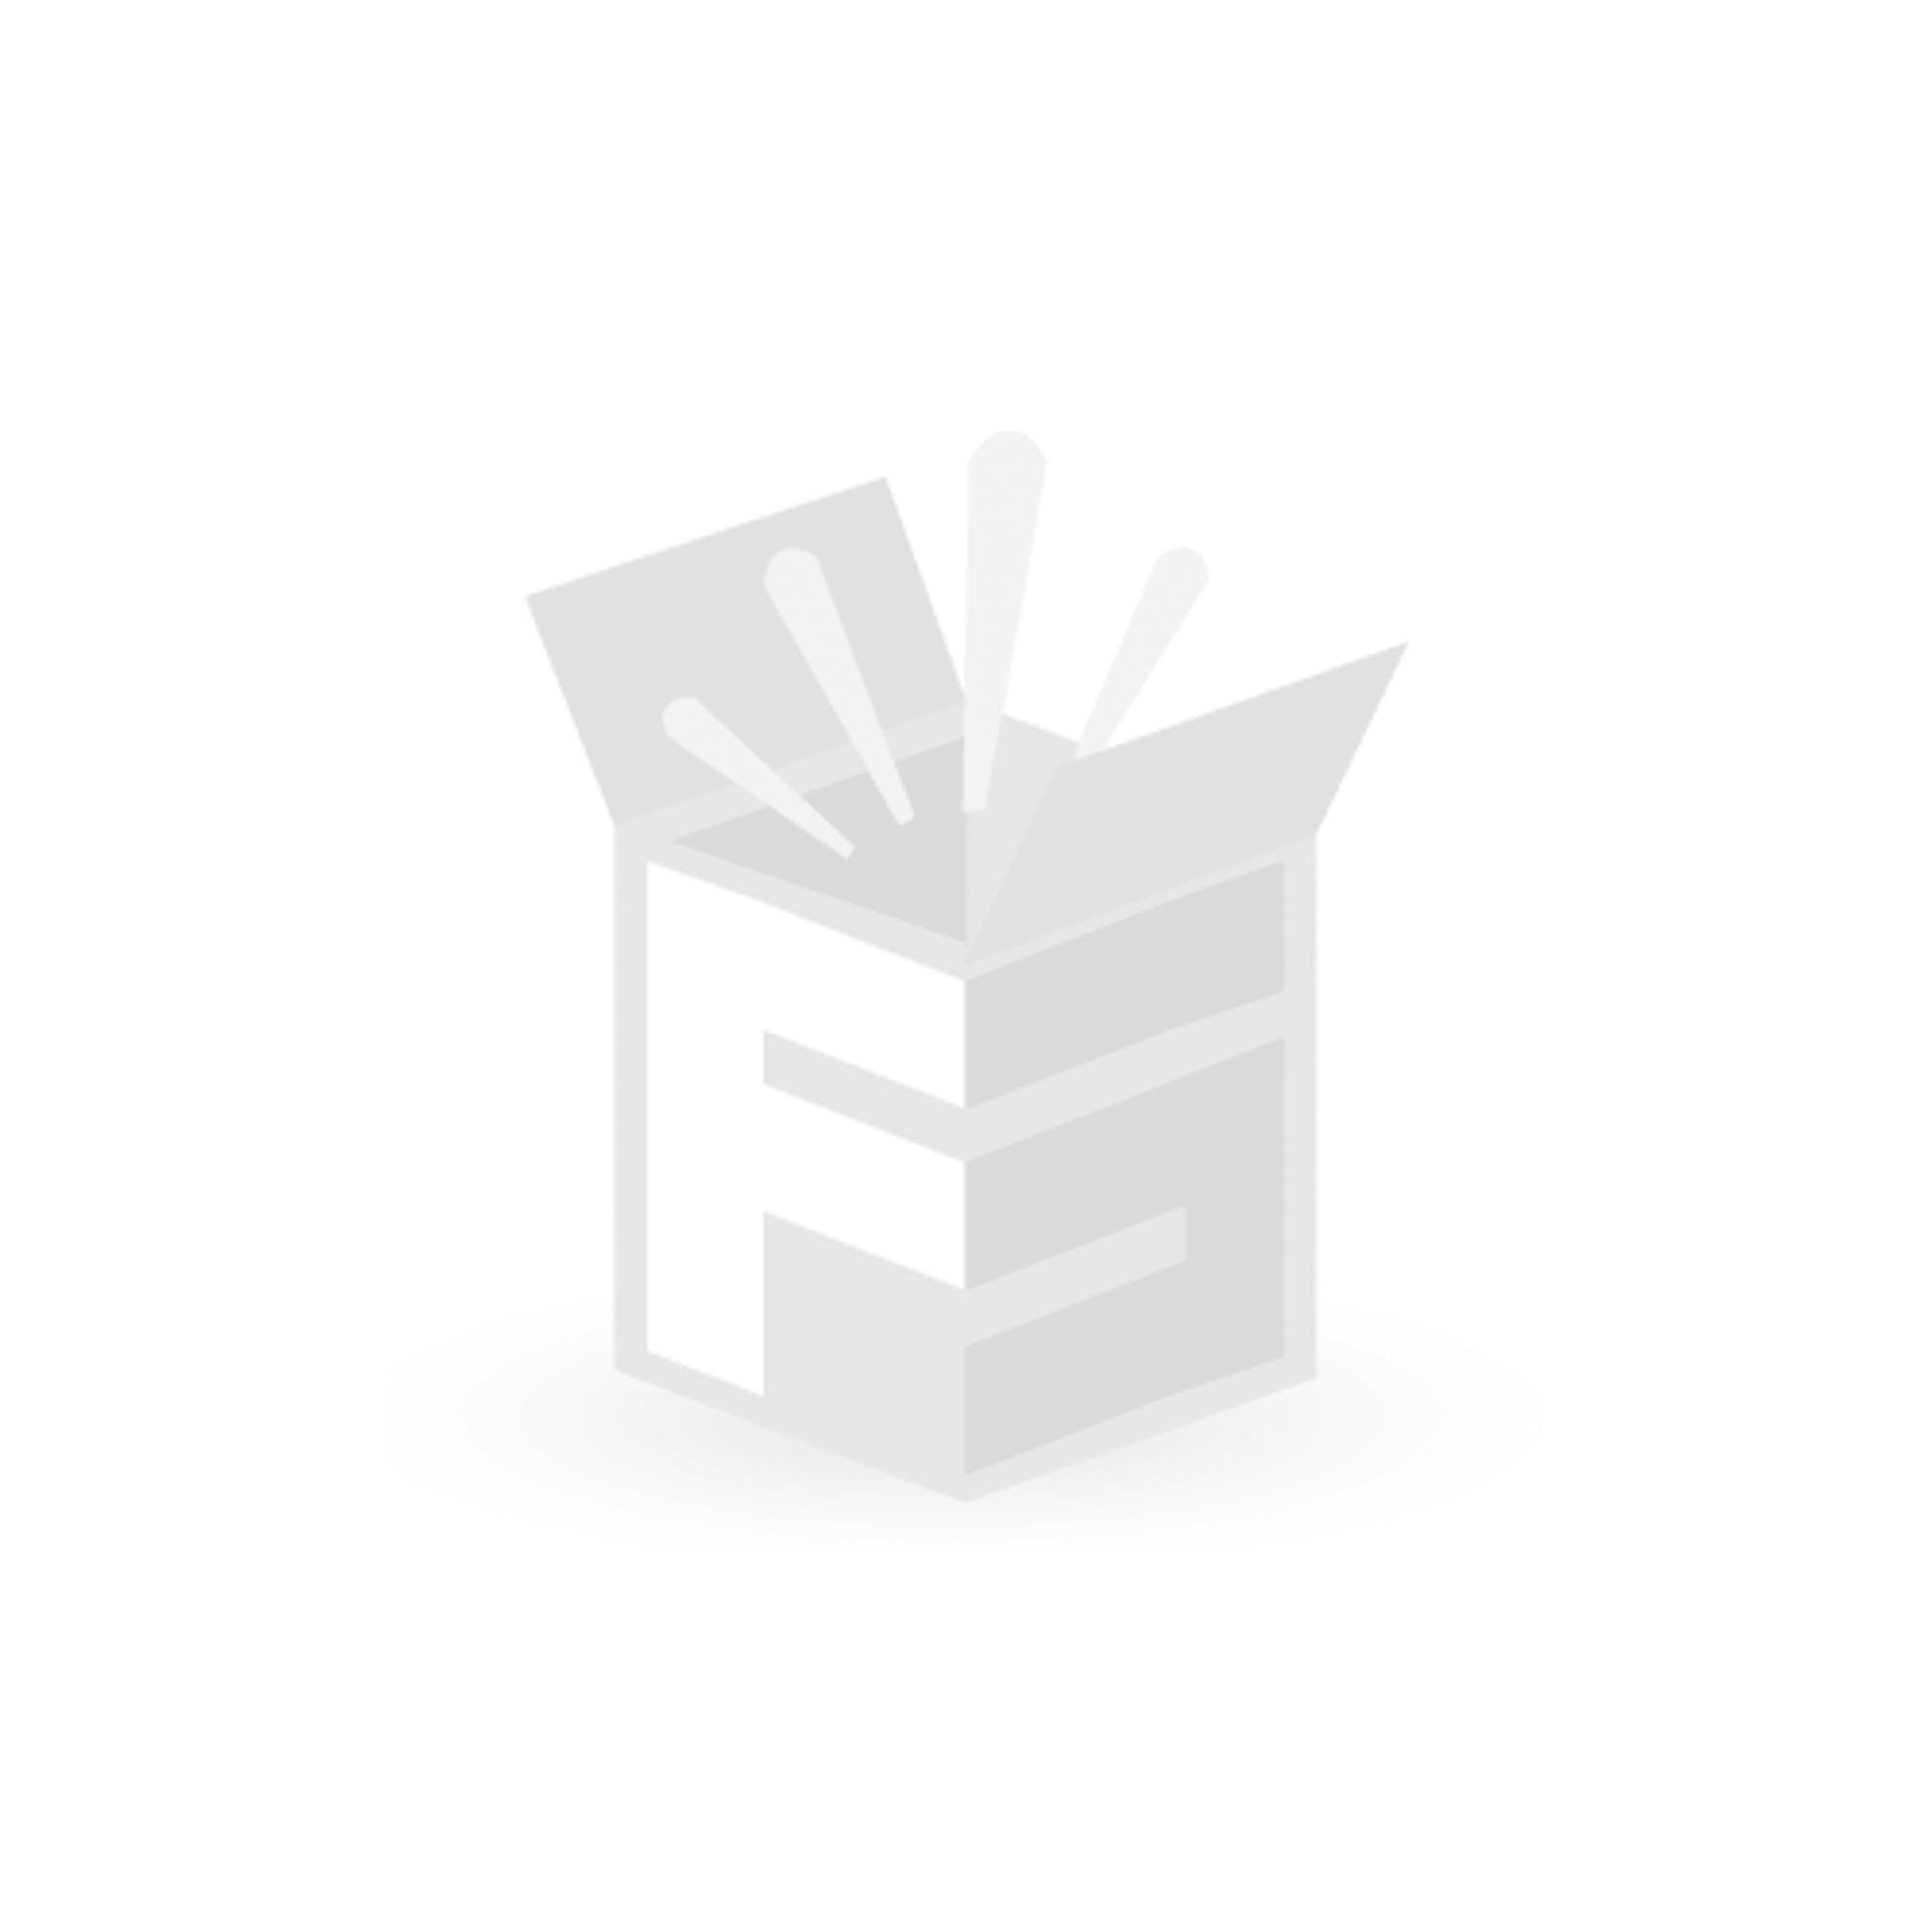 KimTec Flex Hochleistungskleber PREMIUM weiss